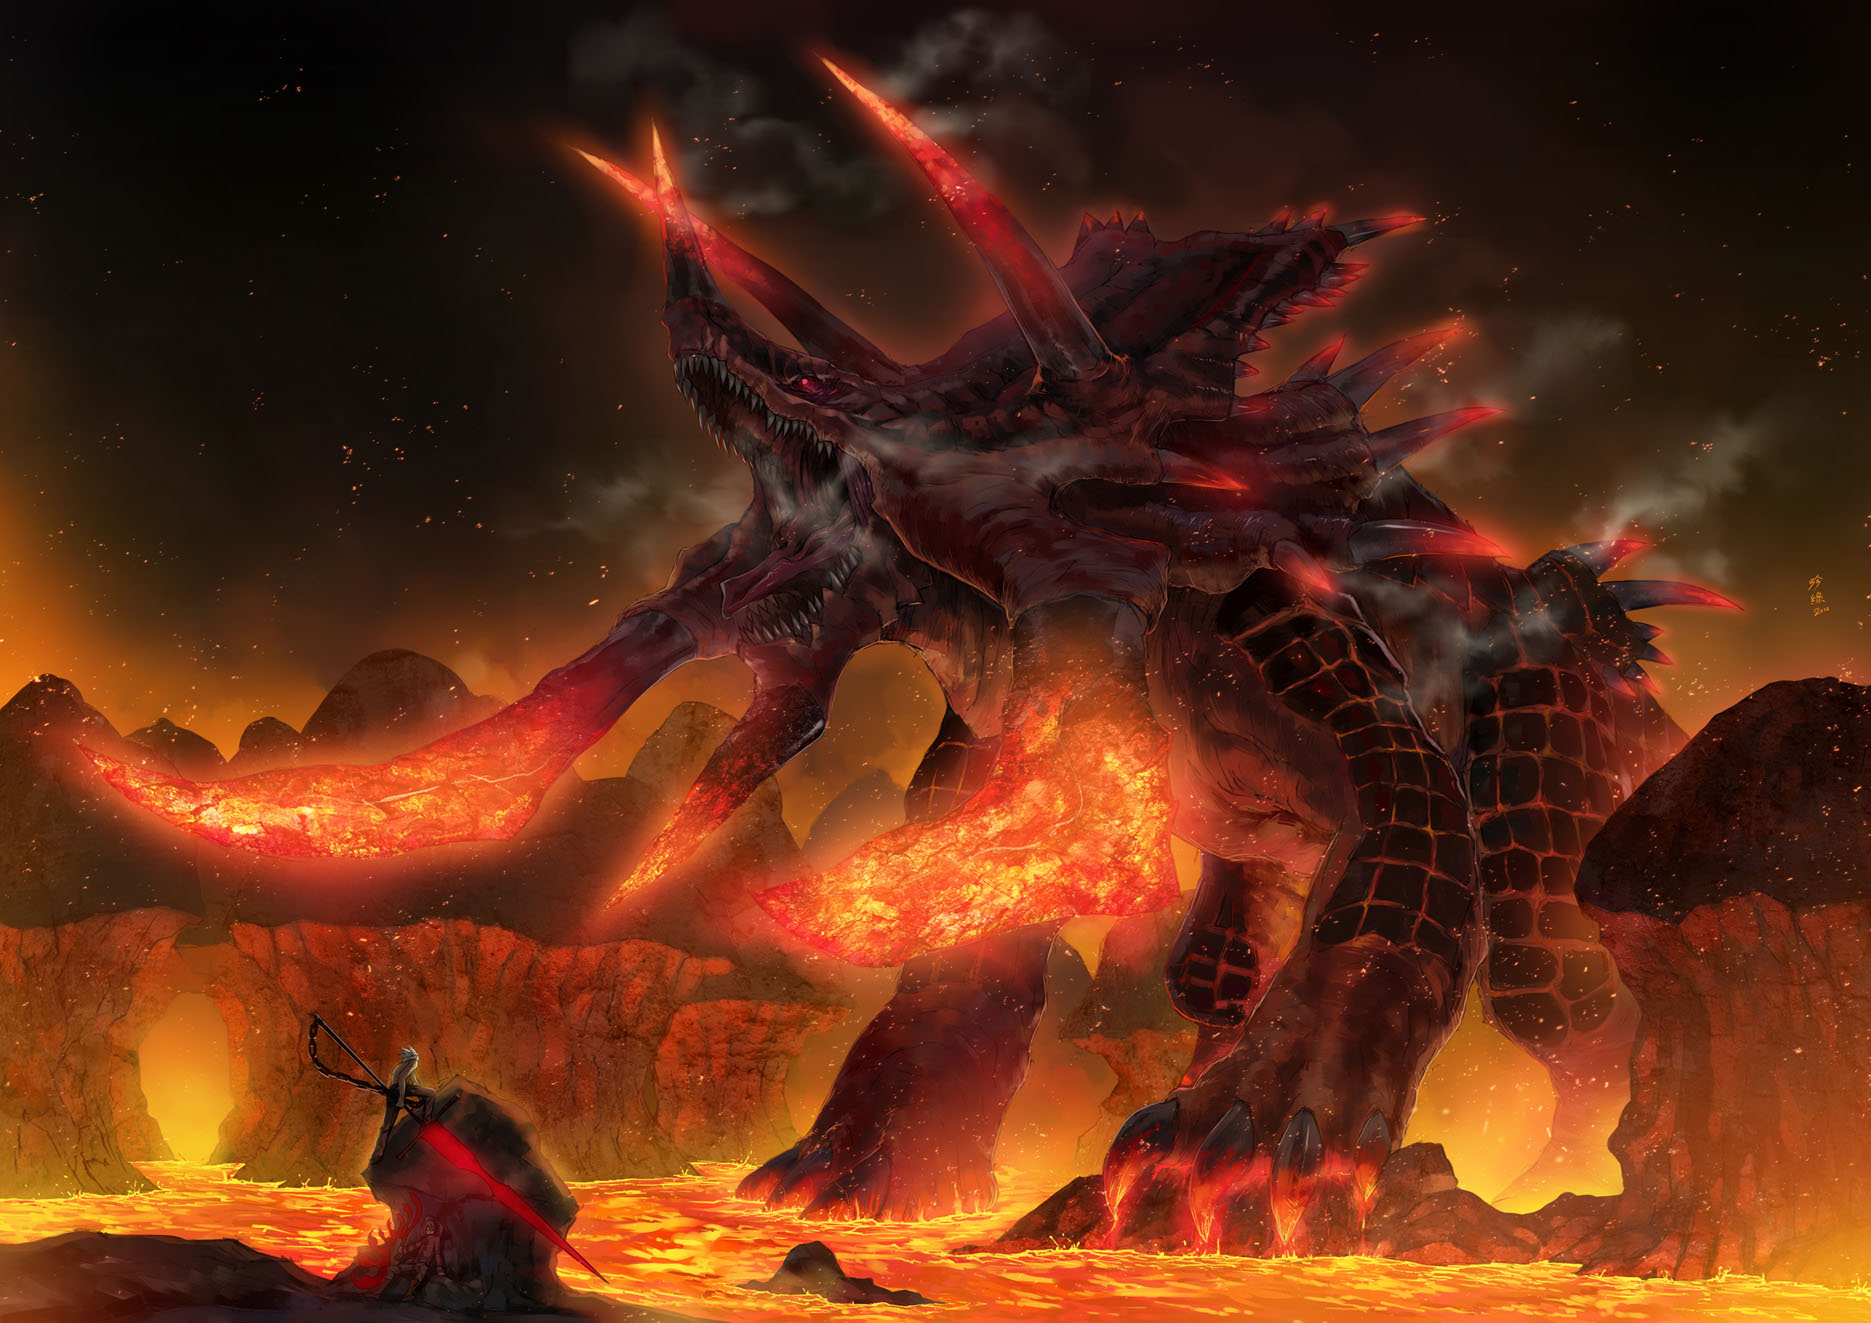 fire demon wallpaper 1871x1323